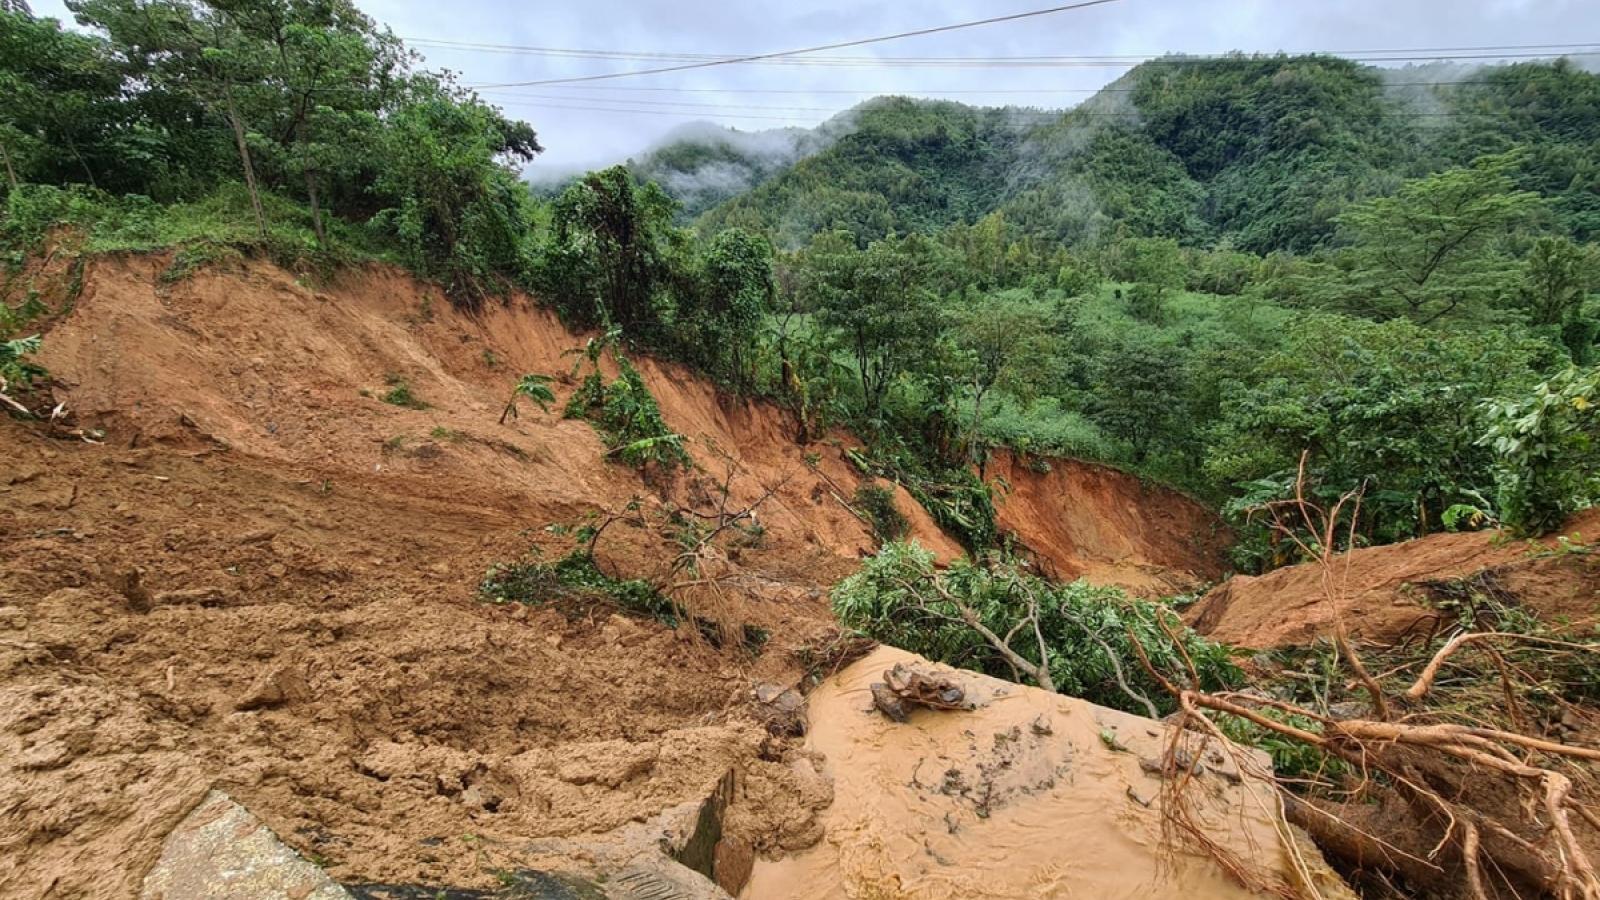 Tổng số người chết và mất tích do mưa lũ là 134: Công tác cứu trợ đang được đẩy mạnh